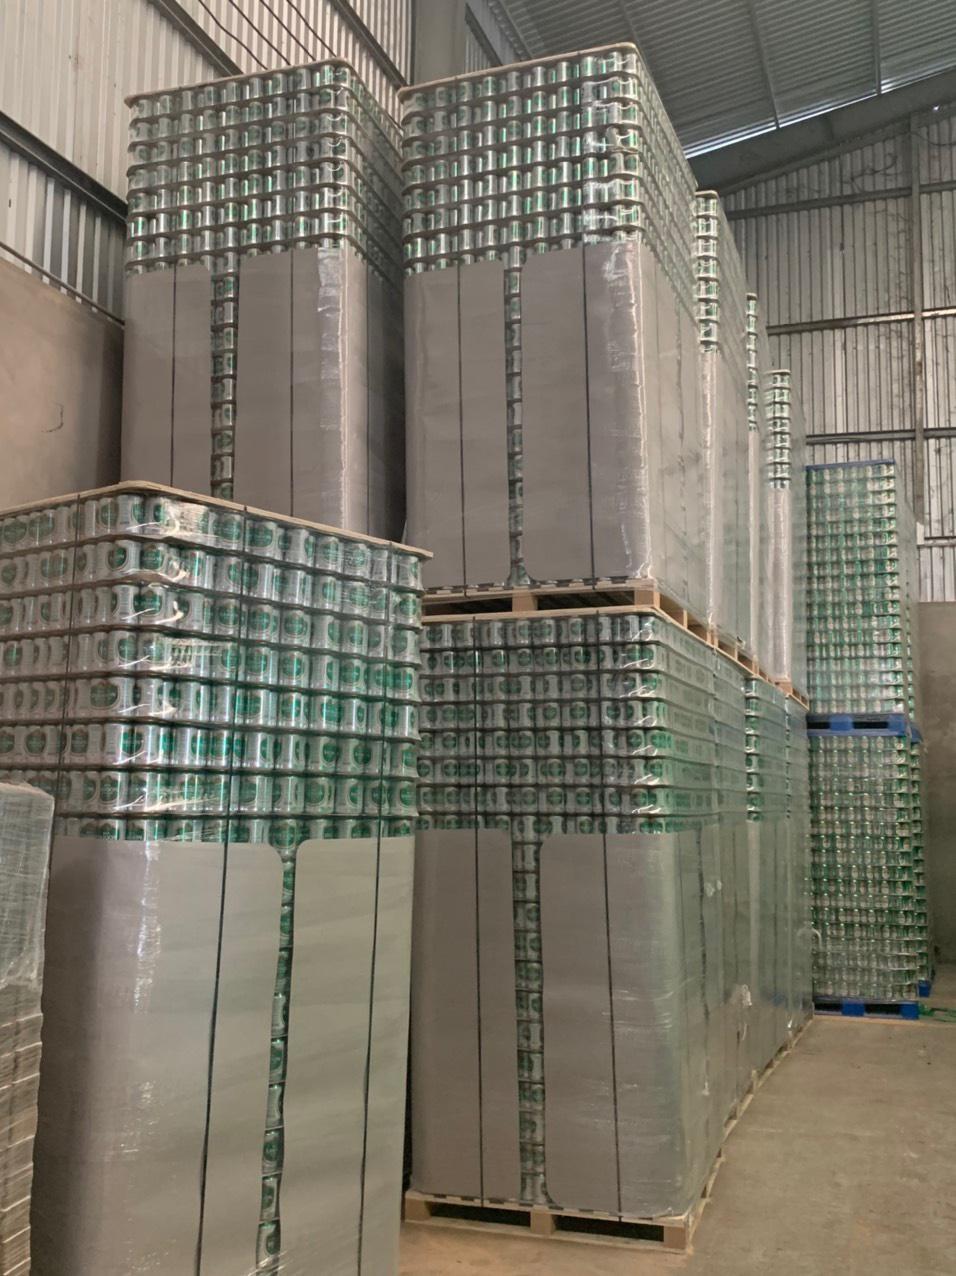 Hình ảnh cơ sở làm bia có bao bì, mẫu mã in sản phẩm bia Saigon tại Bà Rịa - Vũng Tàu (Ảnh QLTT)